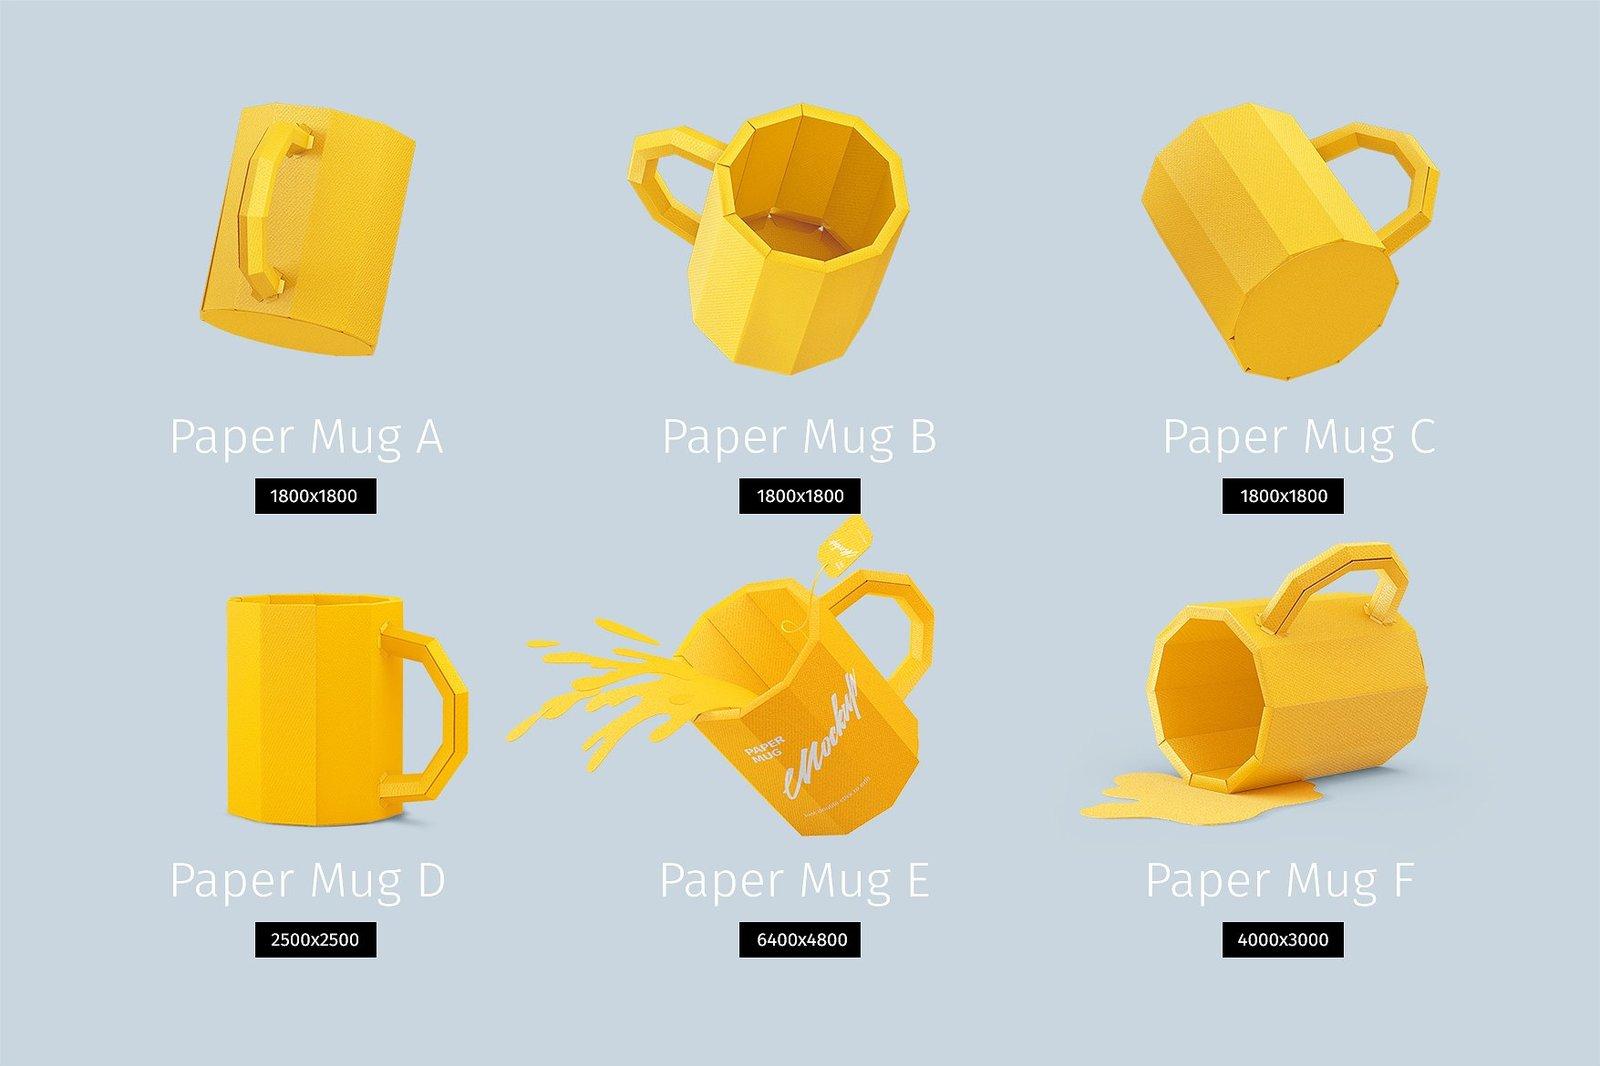 Papercraft Mug